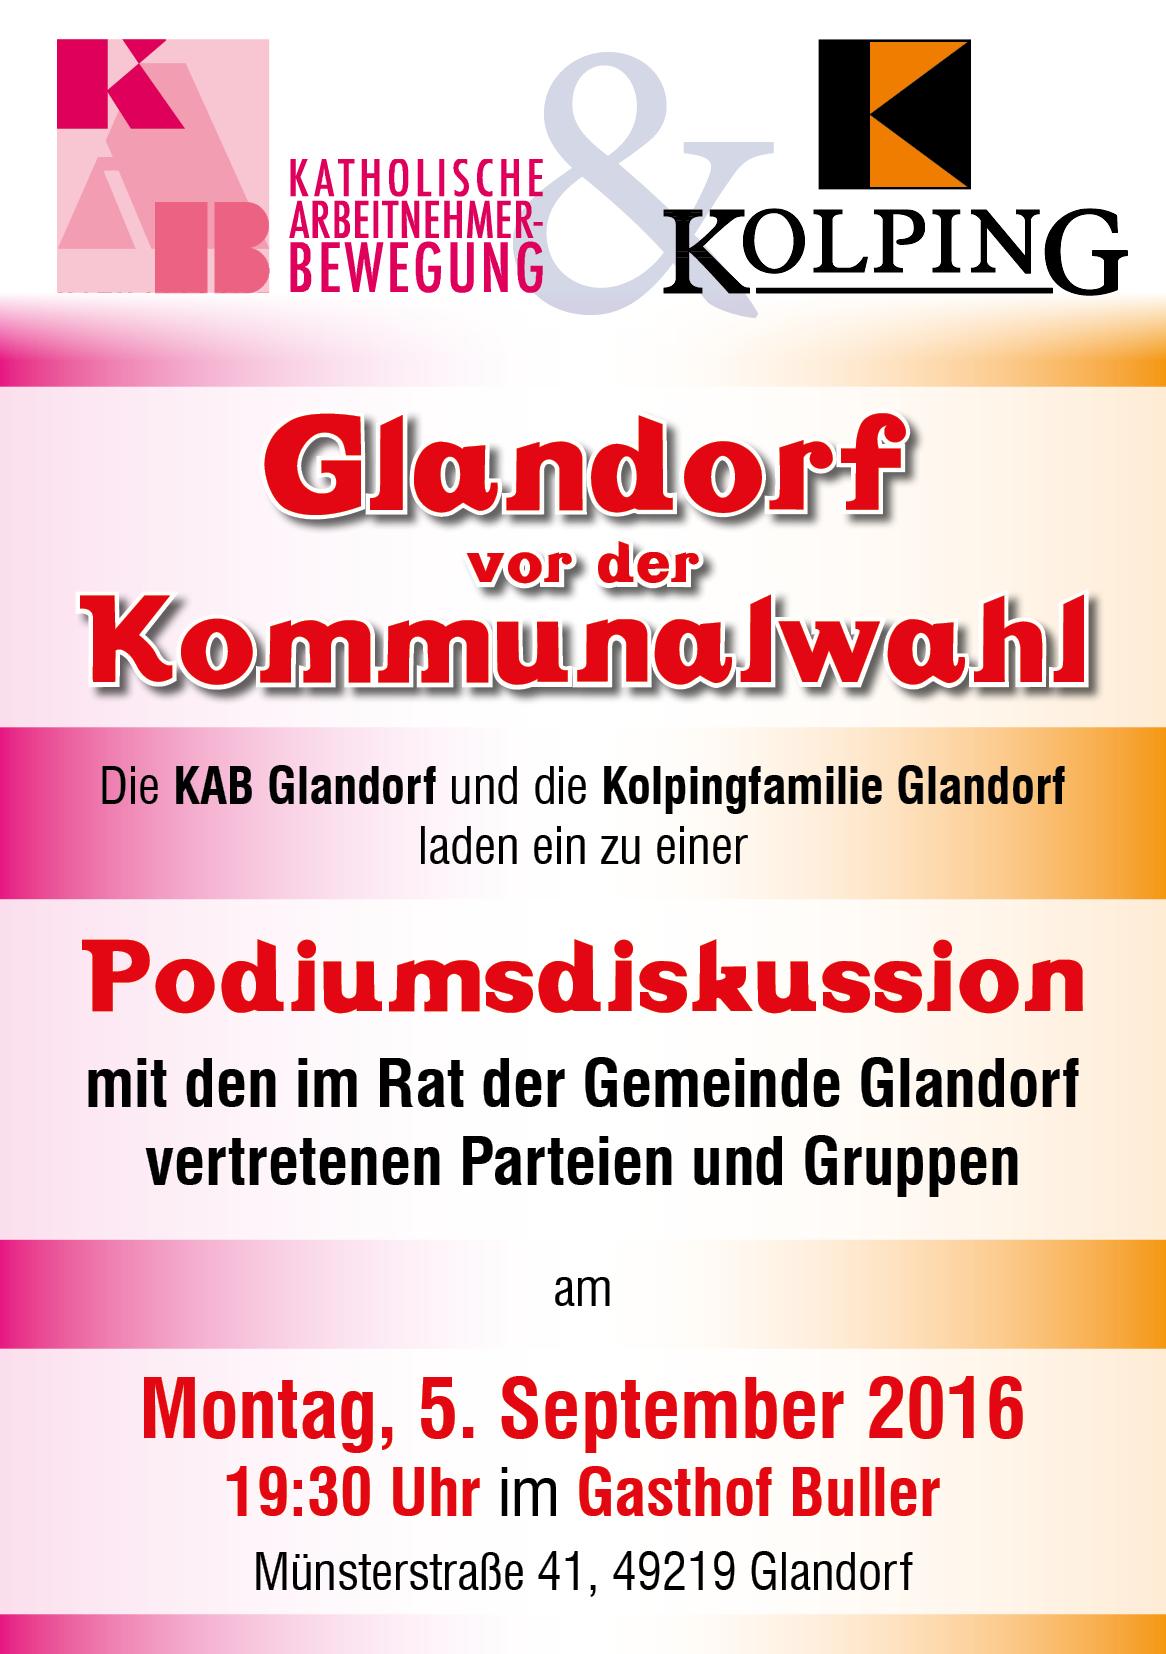 KAB+Kolping_Pod-Disk_Kommunalwahl 2016_A5